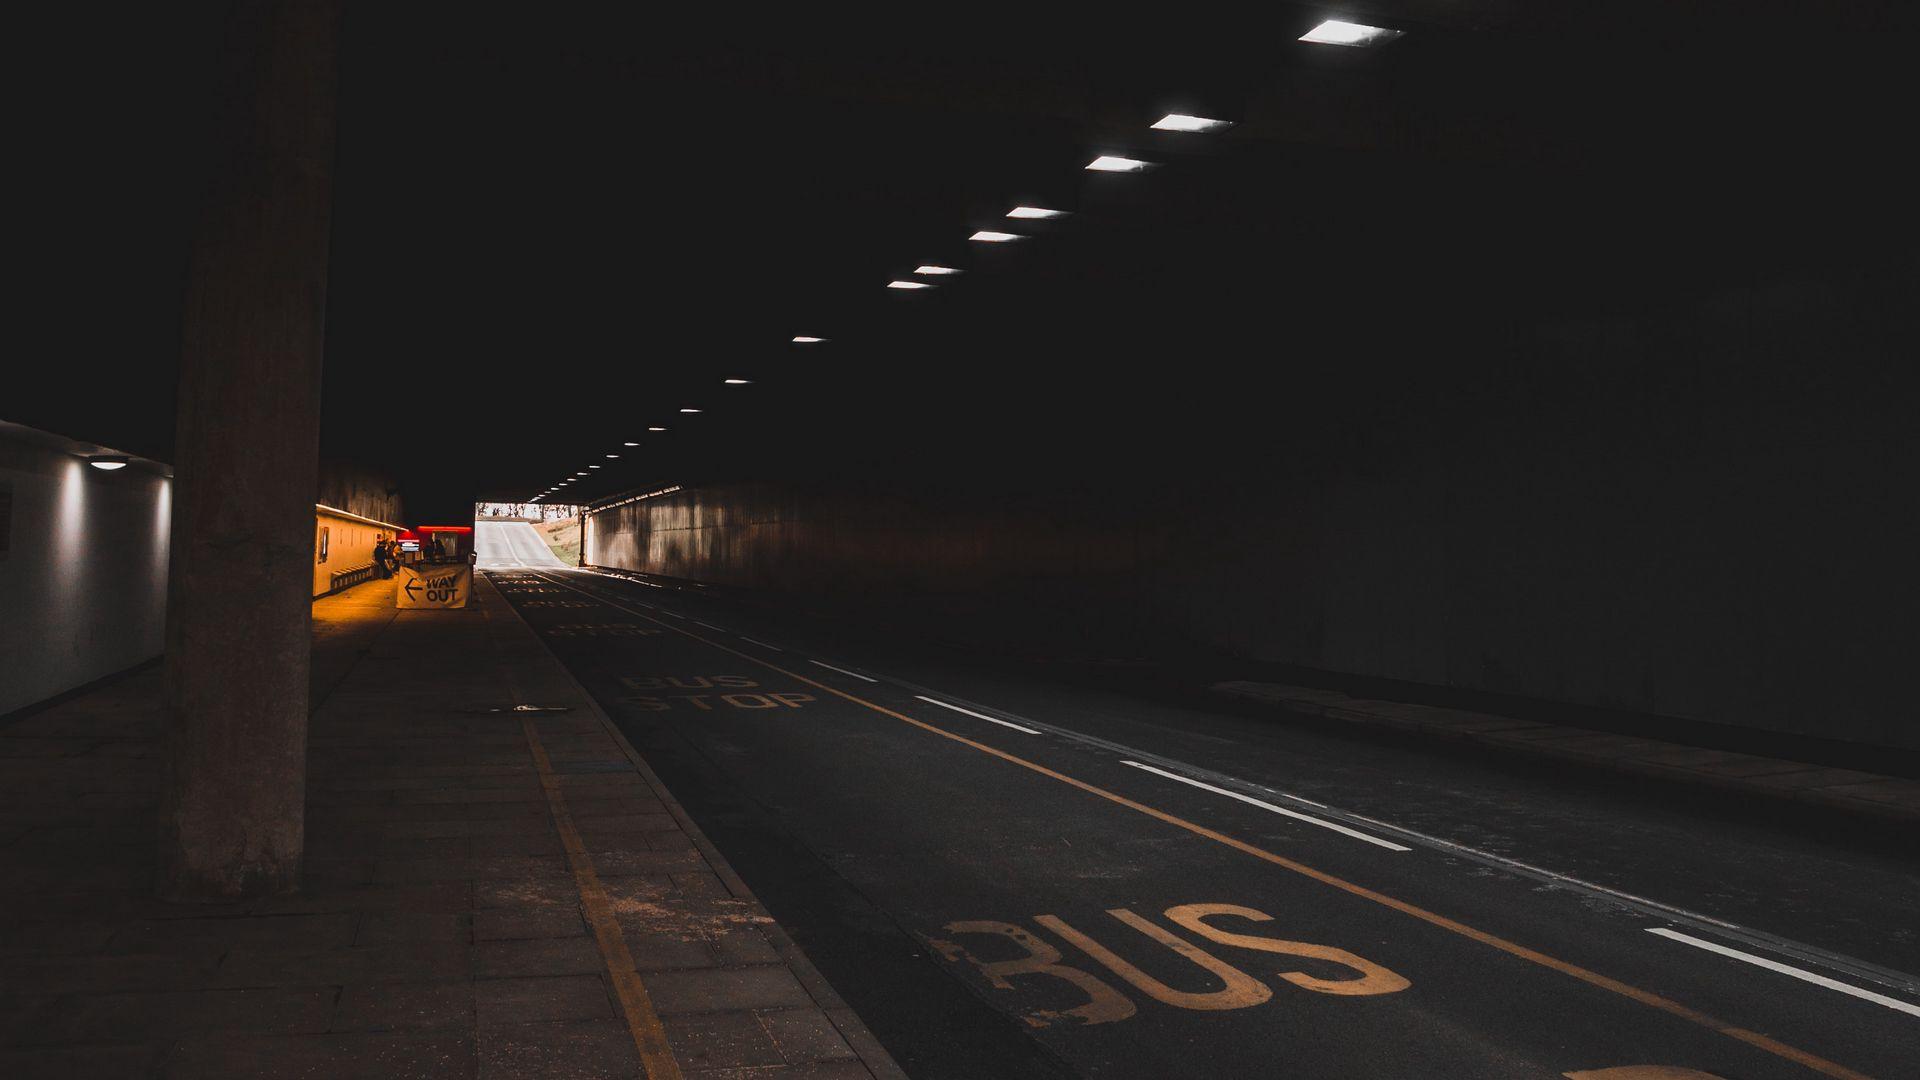 Tunnel Road Underground Dark 1920x1080